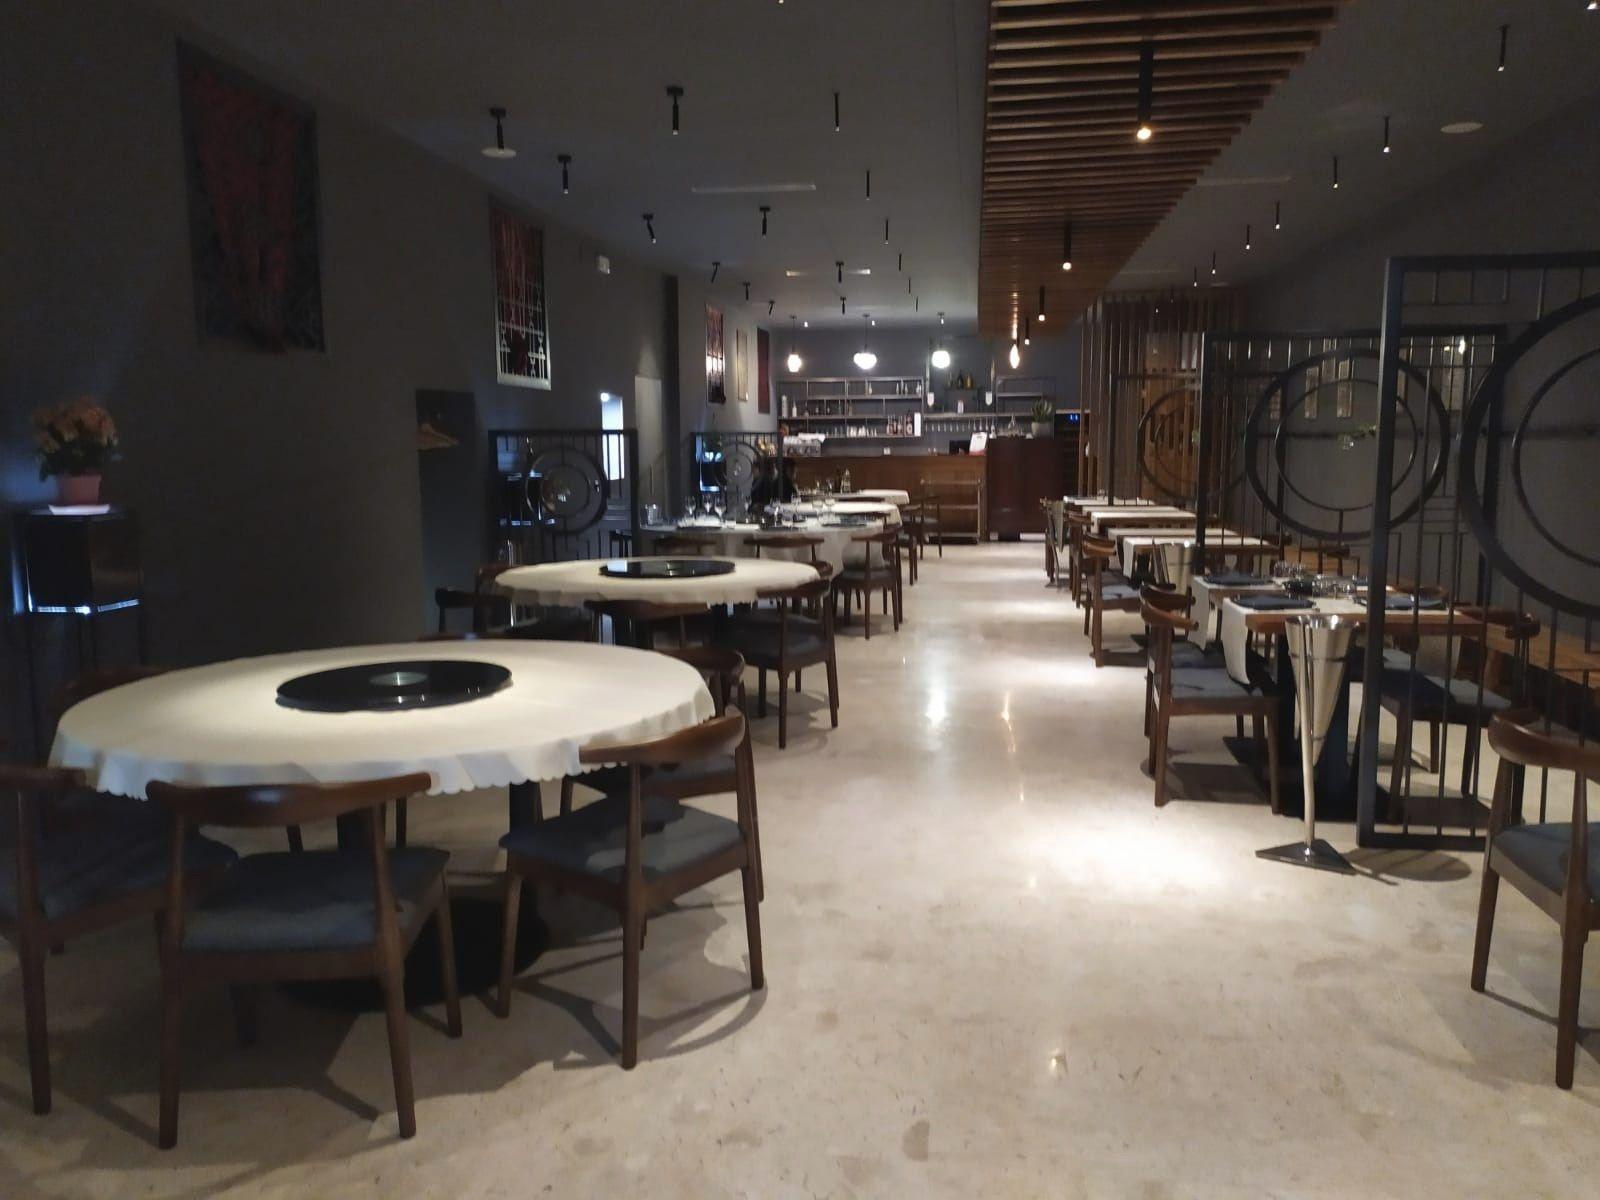 Jin Restaurant: alla scoperta dei sapori orientali con Isolspace e Isolmant